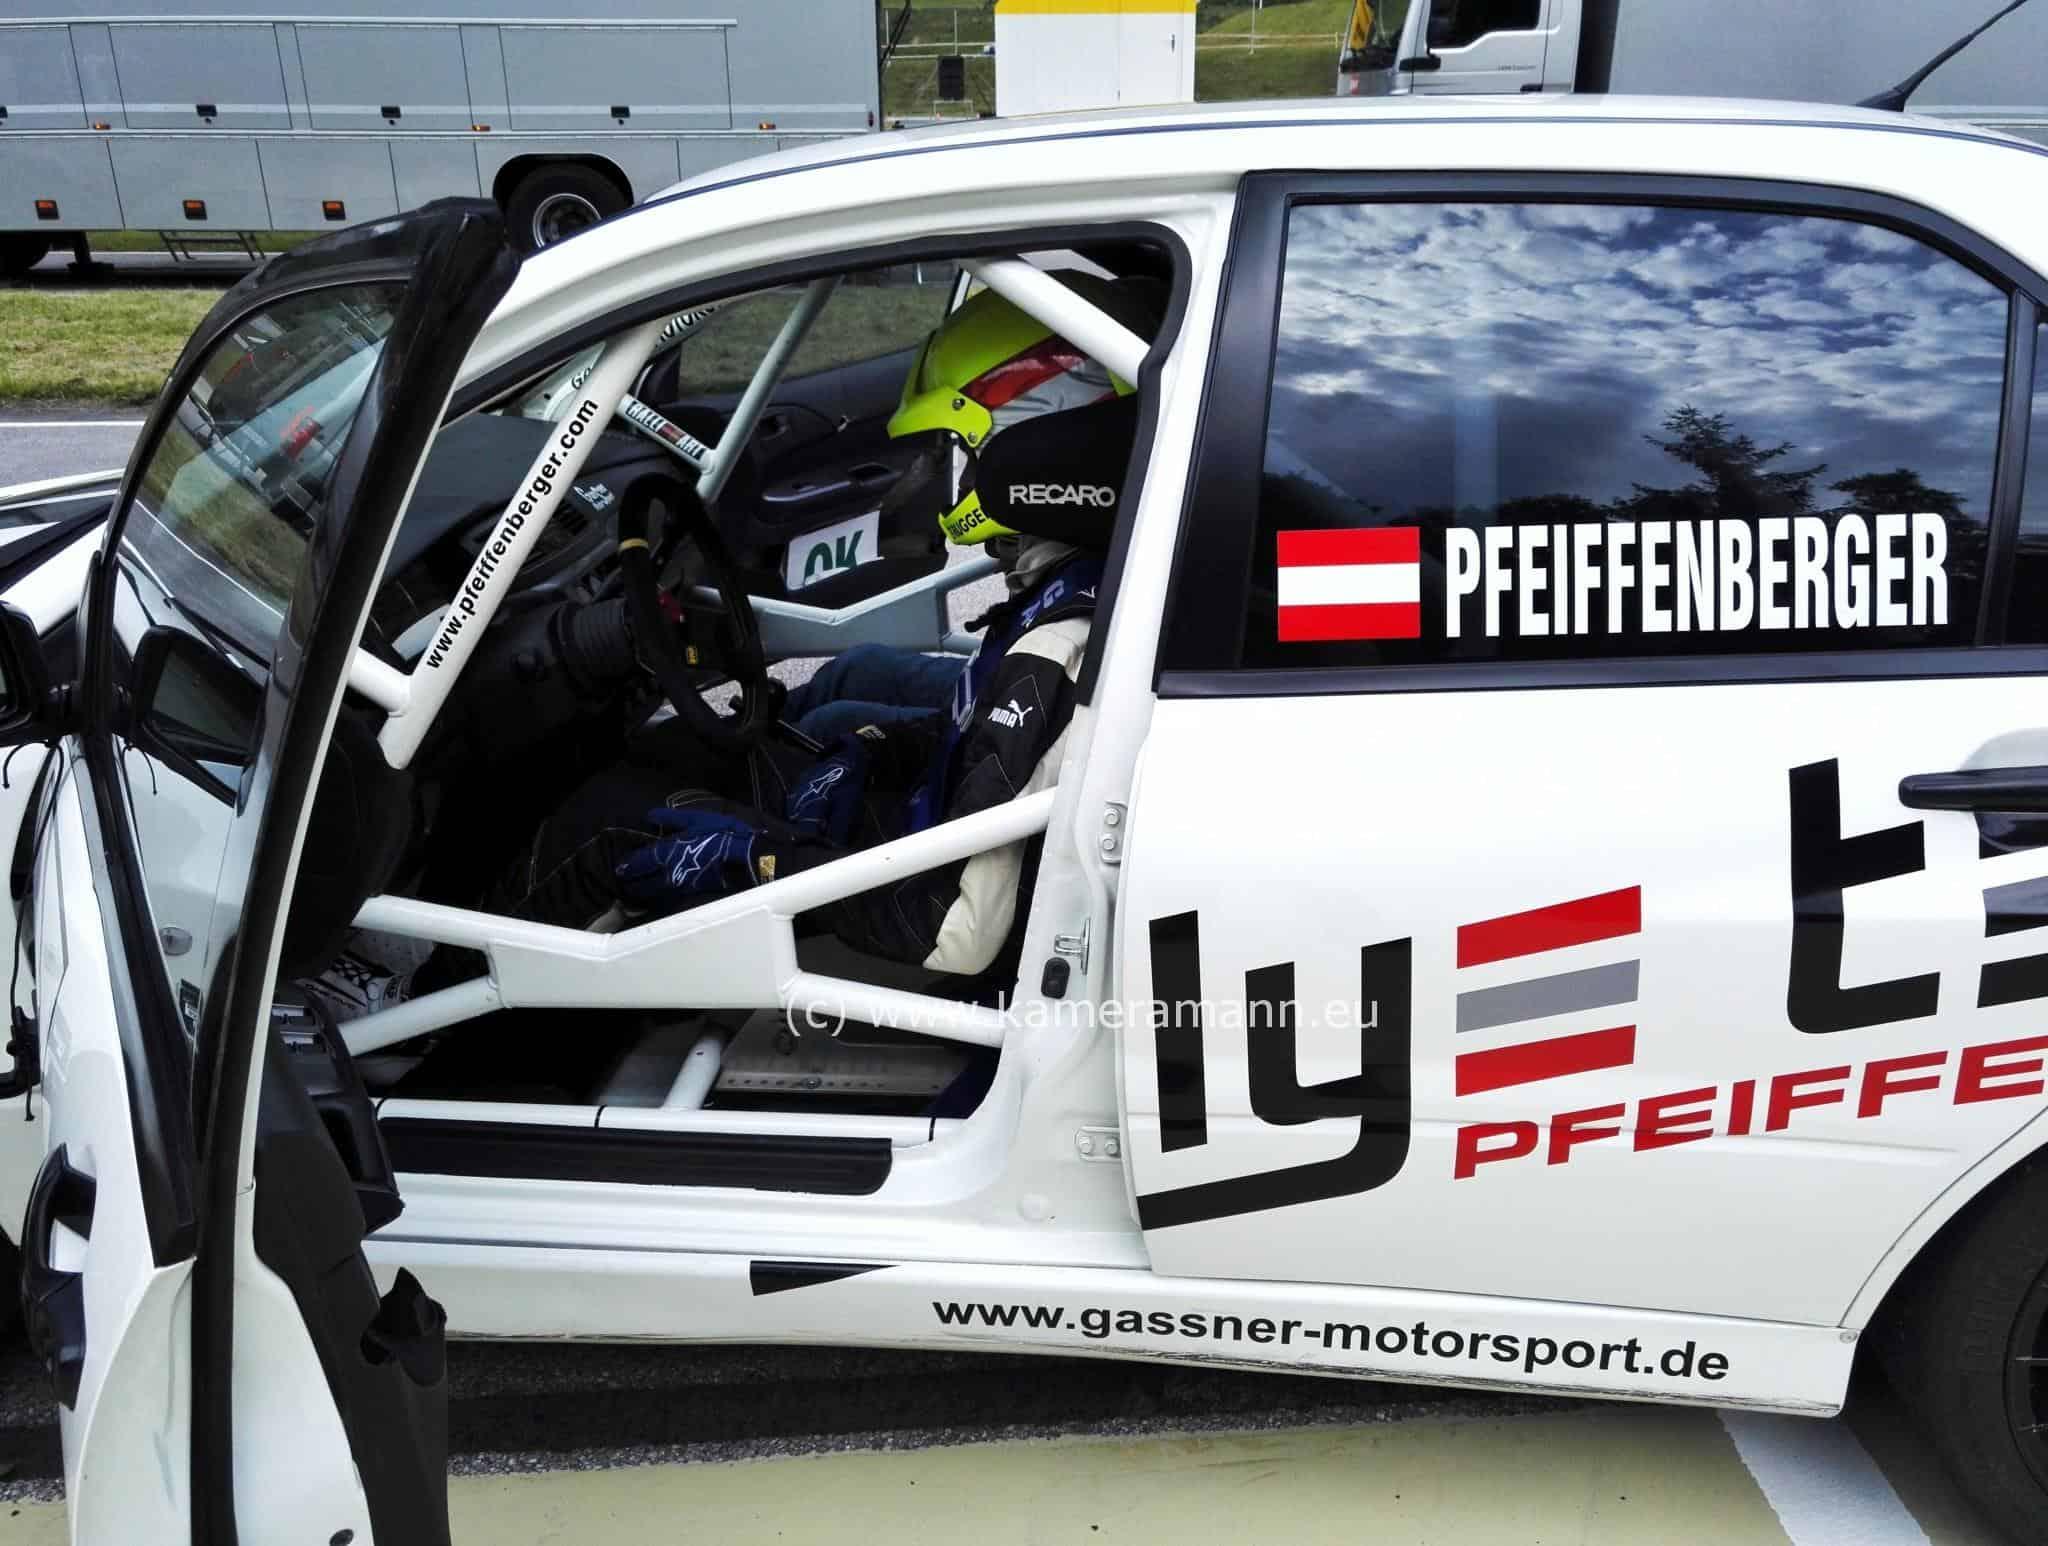 gruppe b rallyelegenden saalfelden 11 - Rallyelegenden Saalfelden